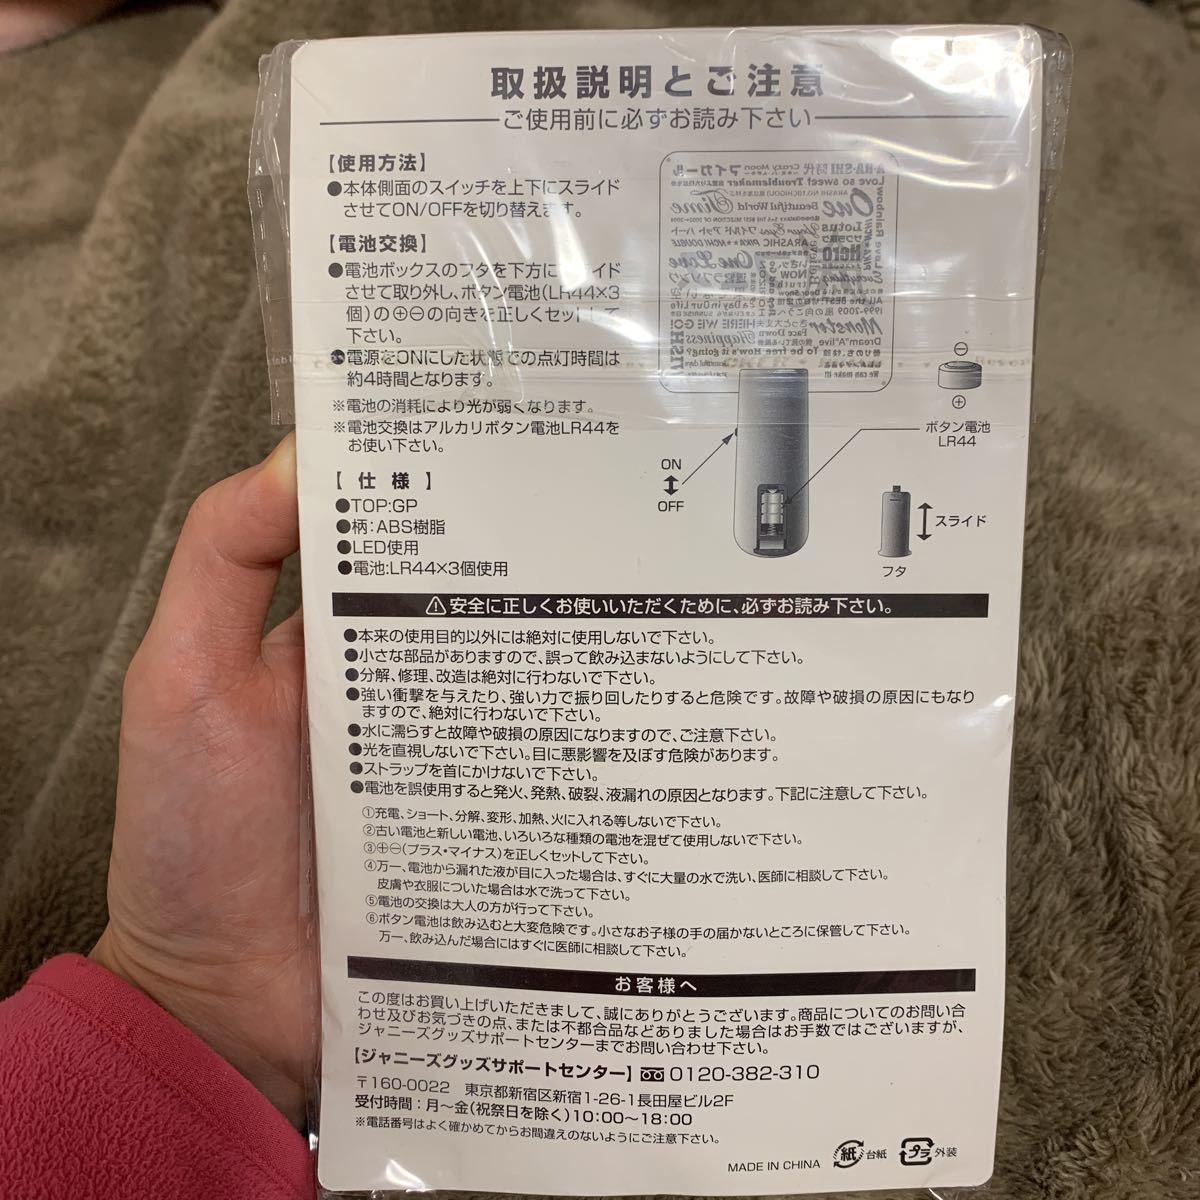 嵐 ARASHI アラフェス 嵐フェス ARAFES オリジナルペンライト 2012 新品未開封 送料無料 コンサートグッズ